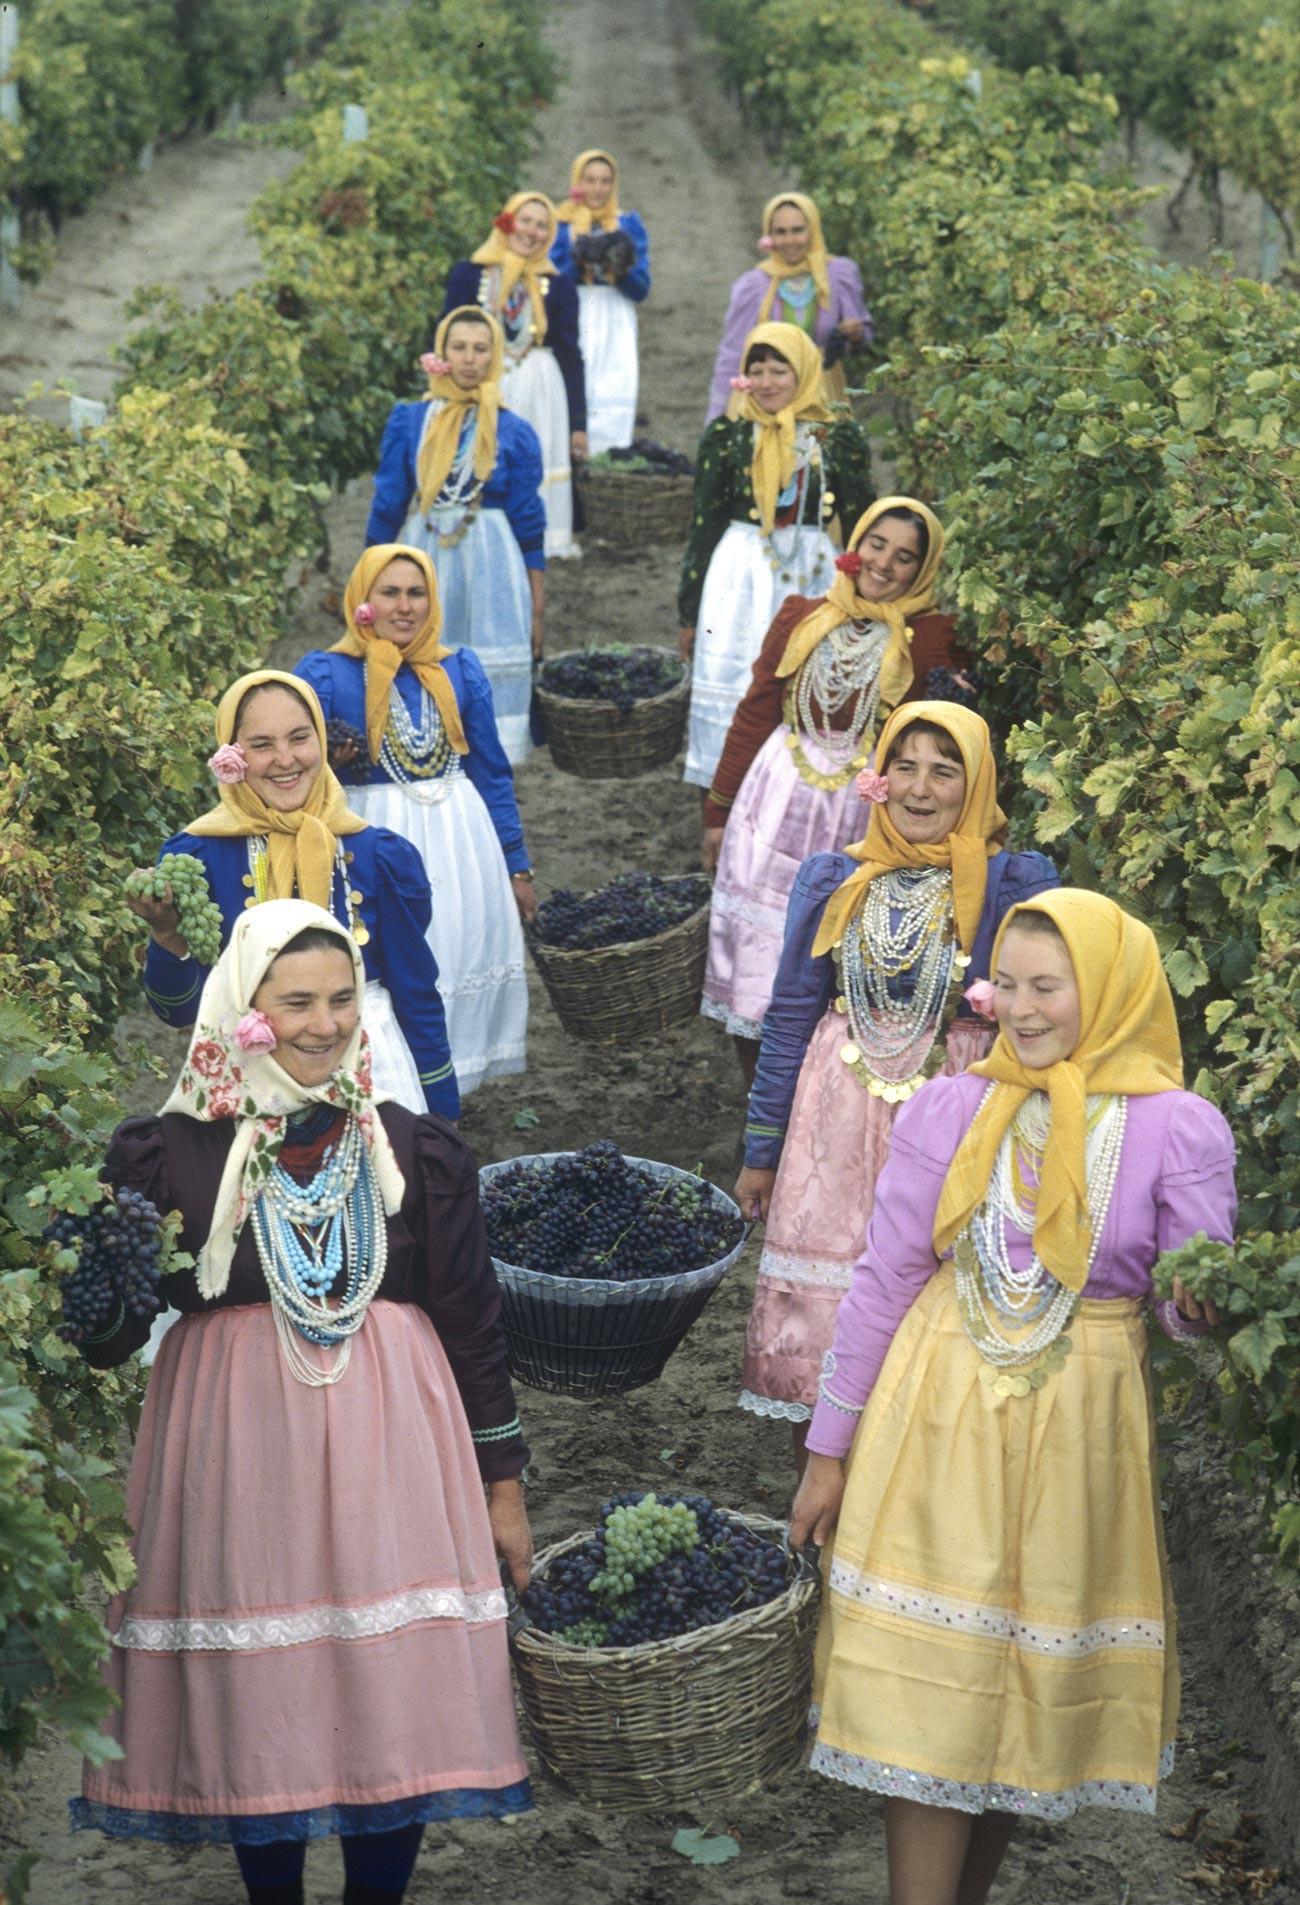 Cosecha de uva en un pueblo de Moldavia, 1982.